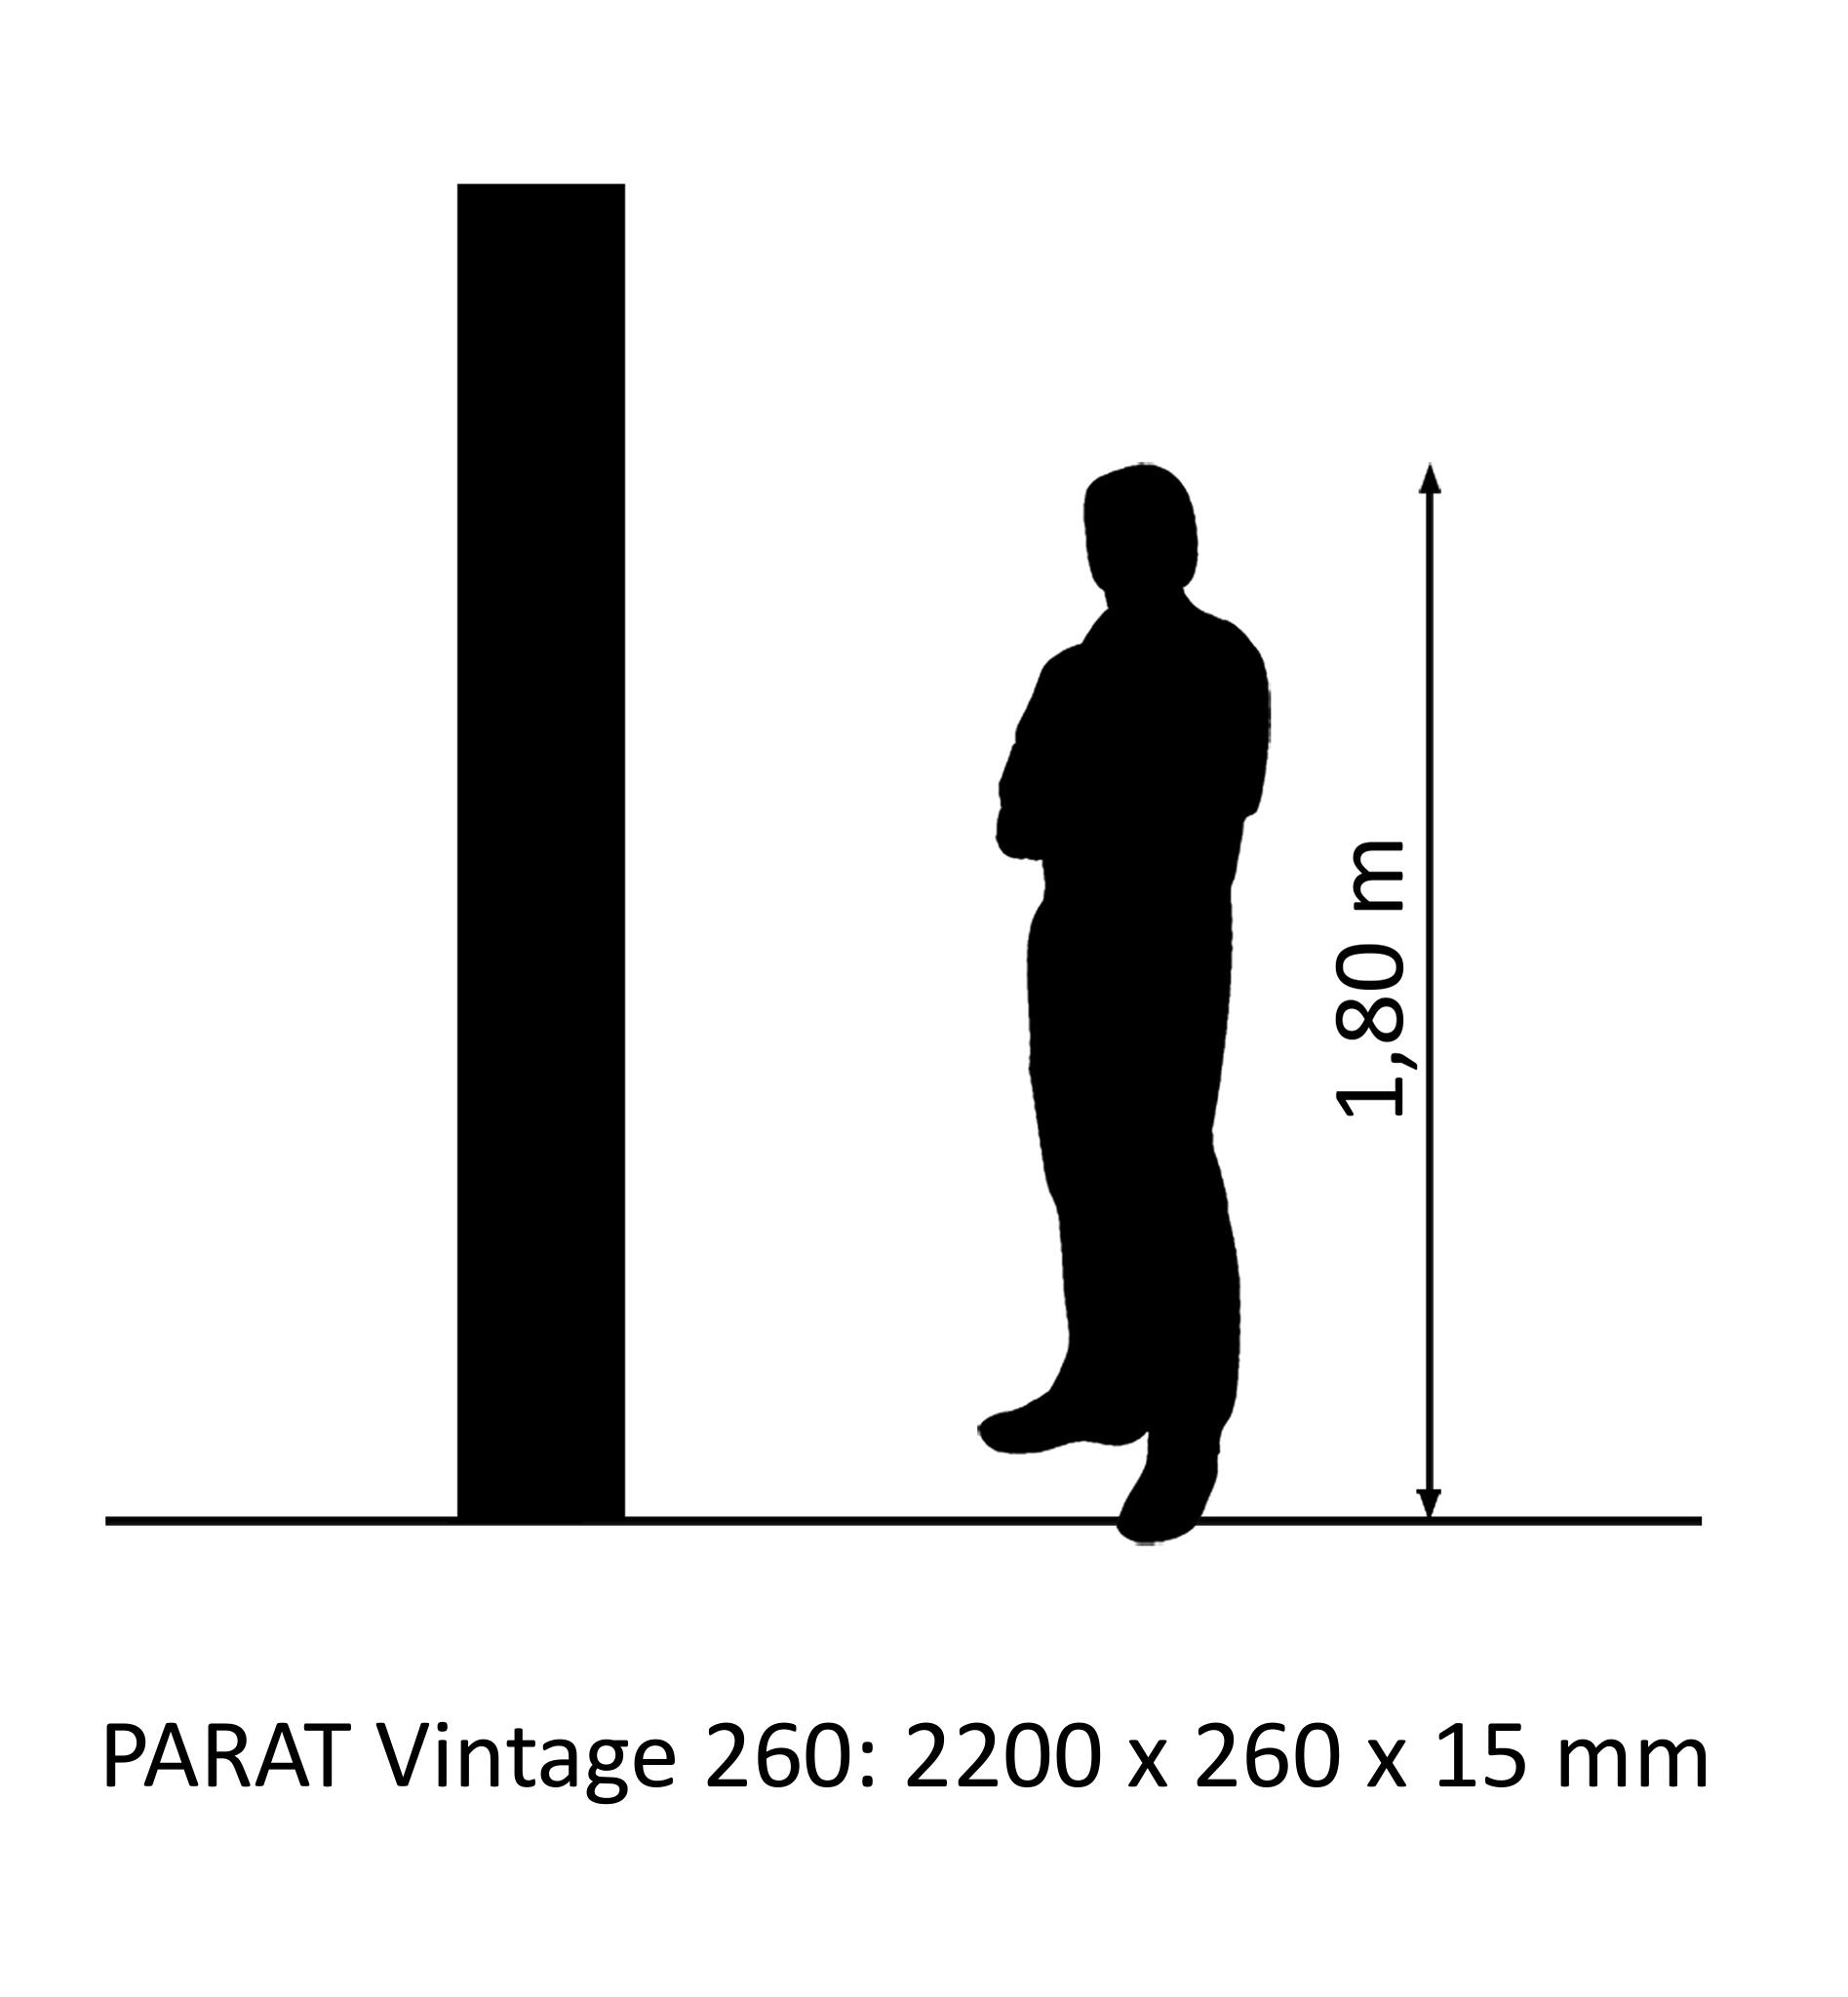 PARAT Vintage 260 Oak Superrustic XL